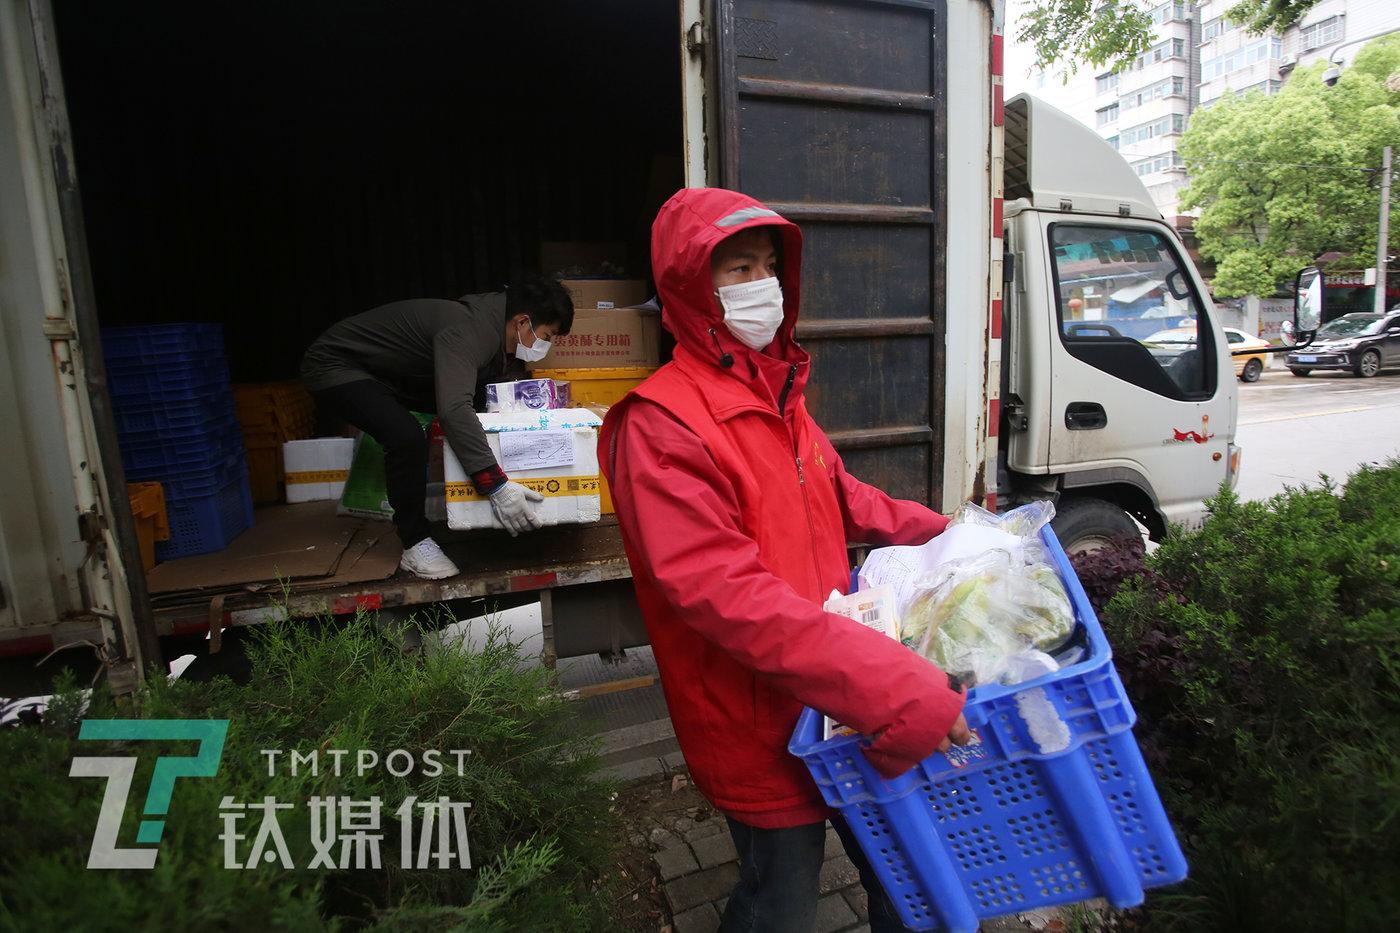 4月11日10:30,玫瑰园西村,黄波从货车上卸下商品放到自己的小卖店门口,这里是新的提货点。